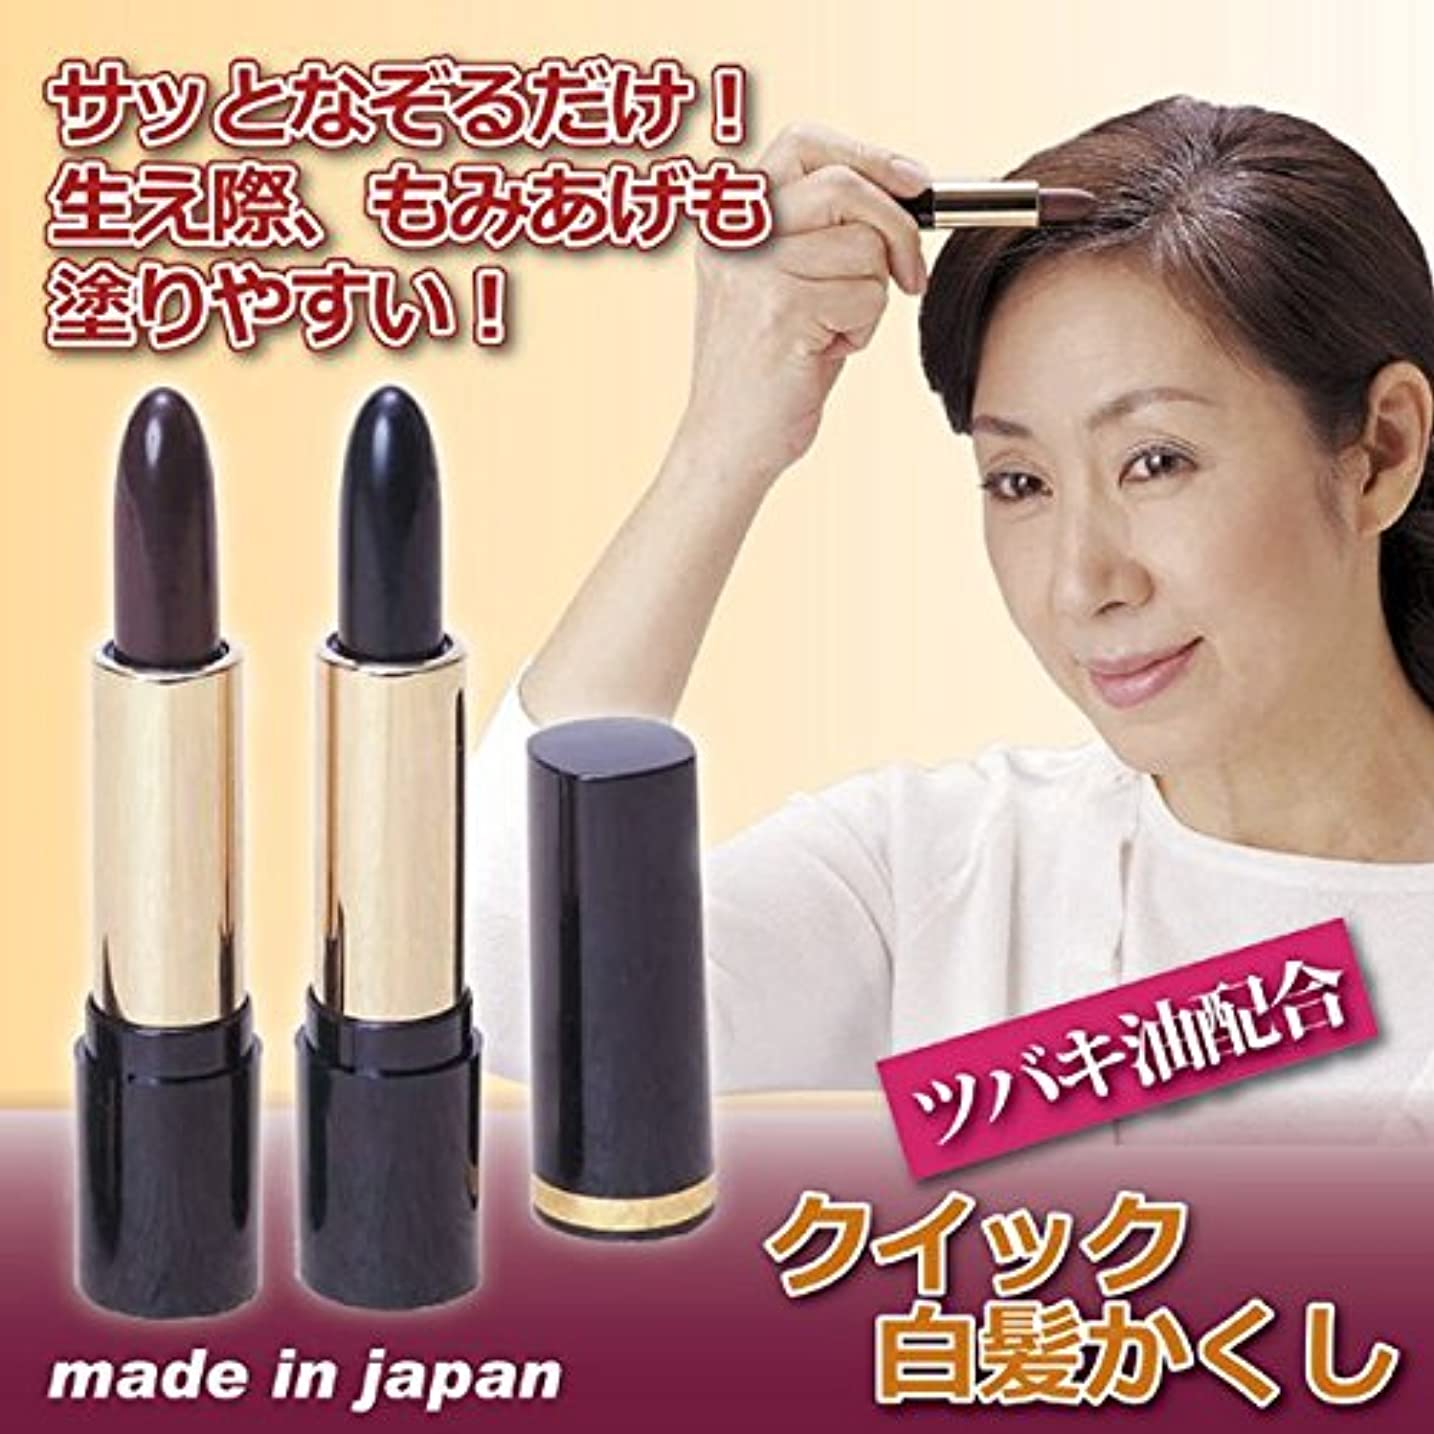 クイック白髪かくし (男女兼用/ブラック(黒)) 無香料 日本製